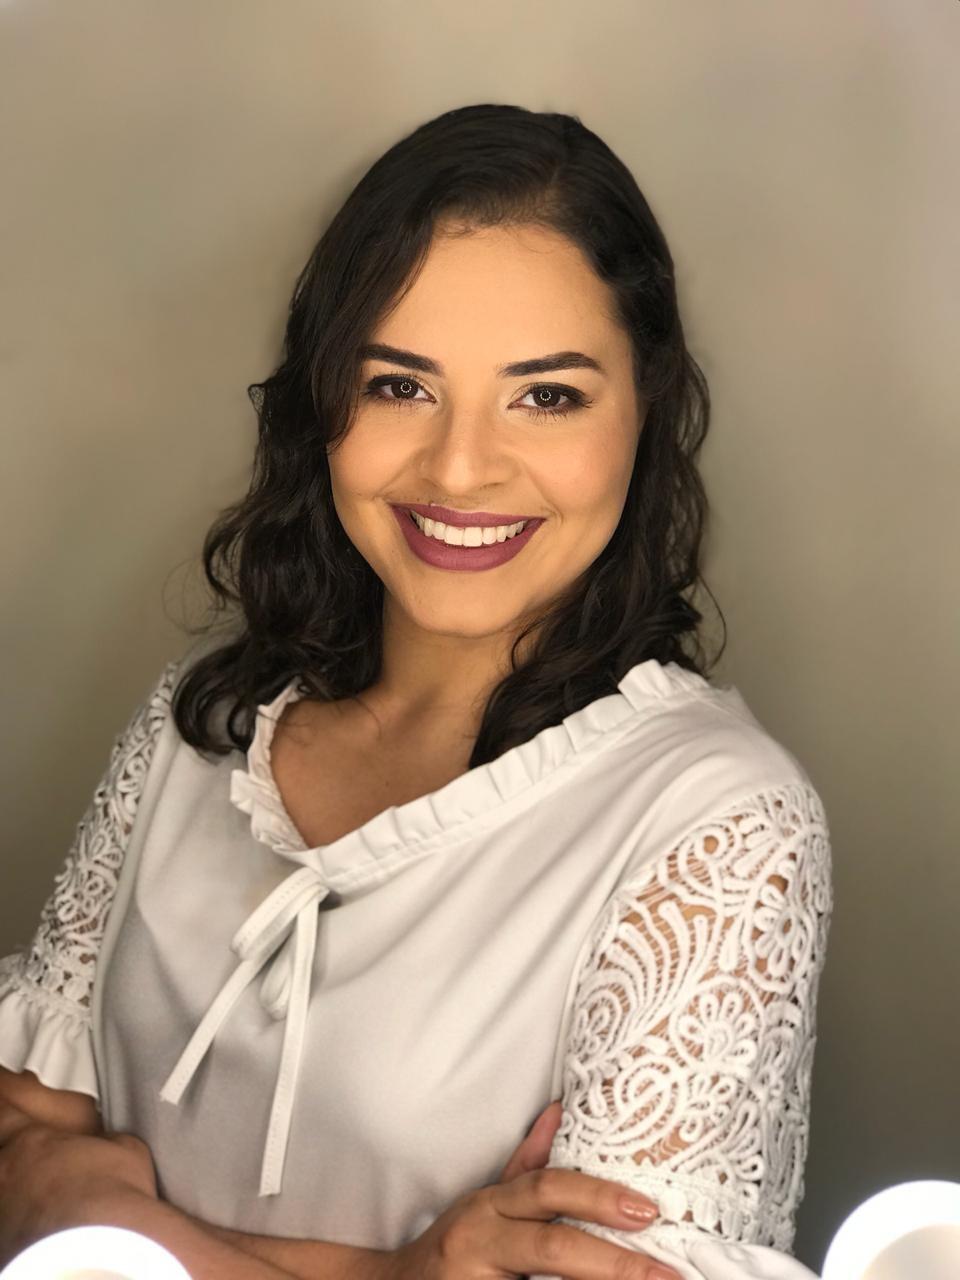 Maísa Roberta Pereira Ramos Lopes